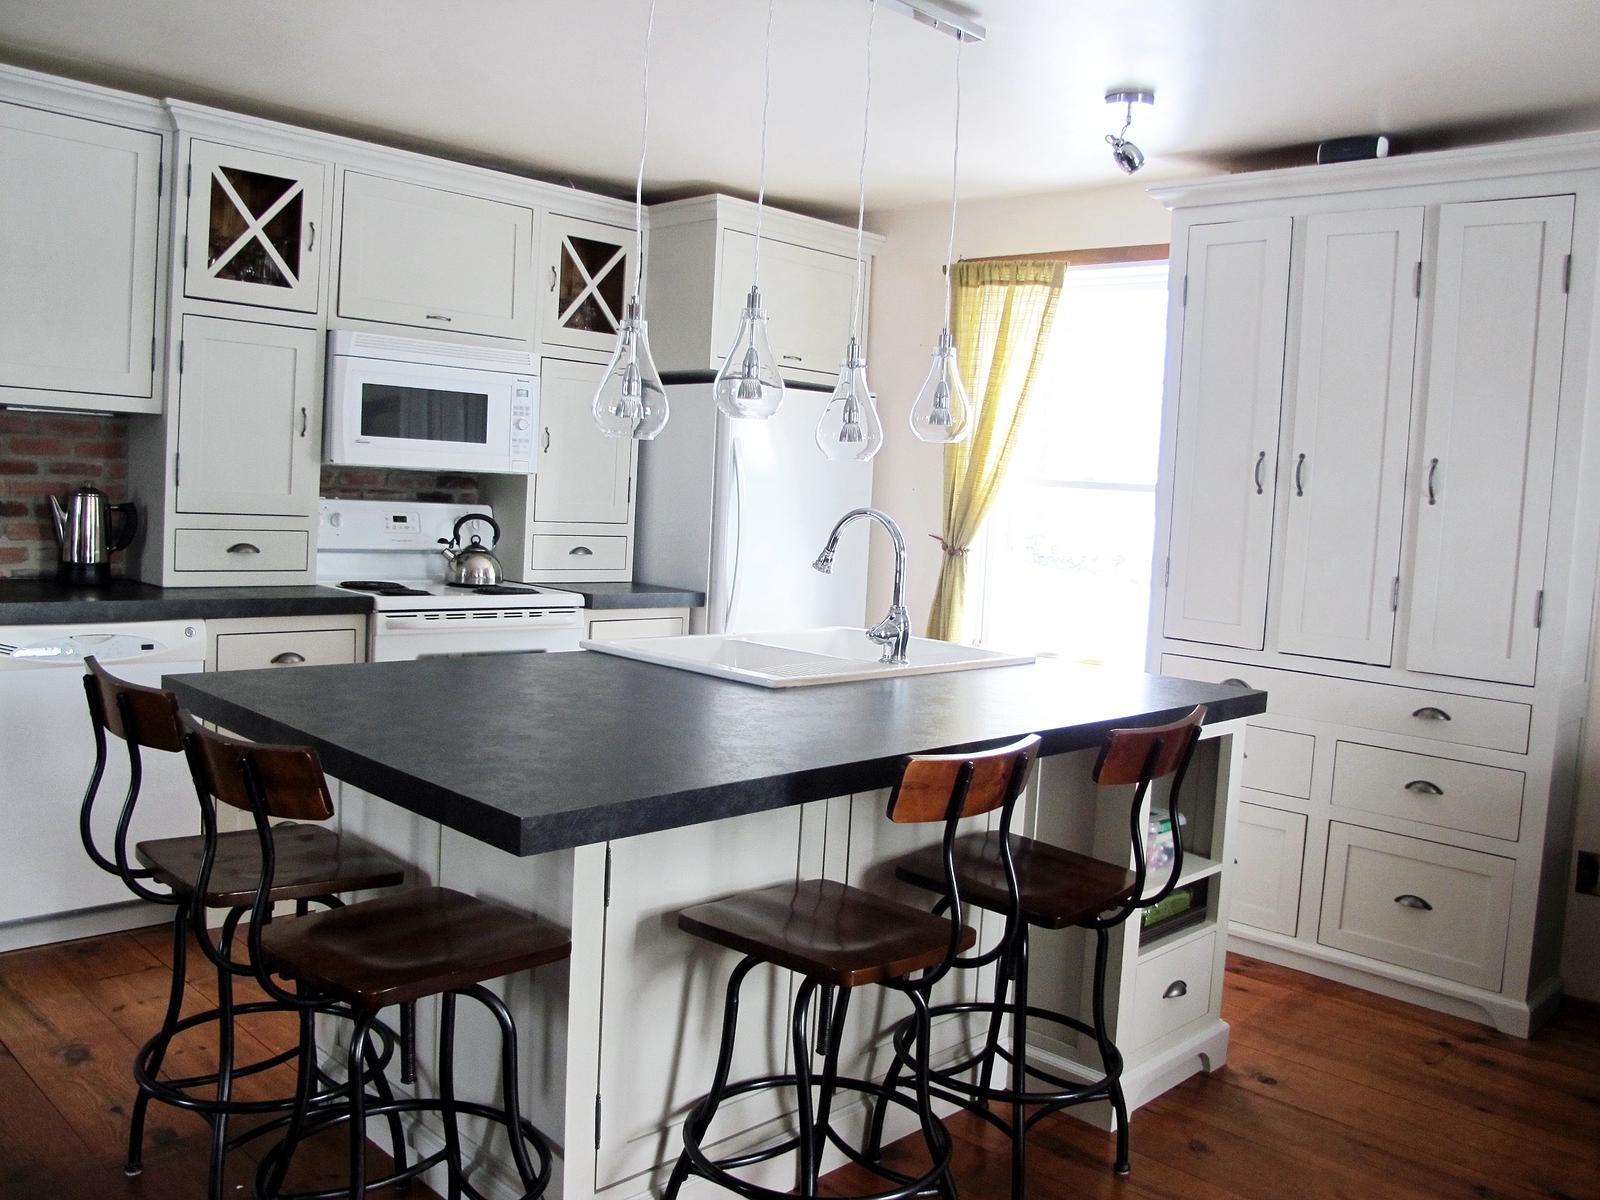 Armoire cuisine ancienne bois massif joliette lanaudiere antique vieil - Peinture d armoire de cuisine ...